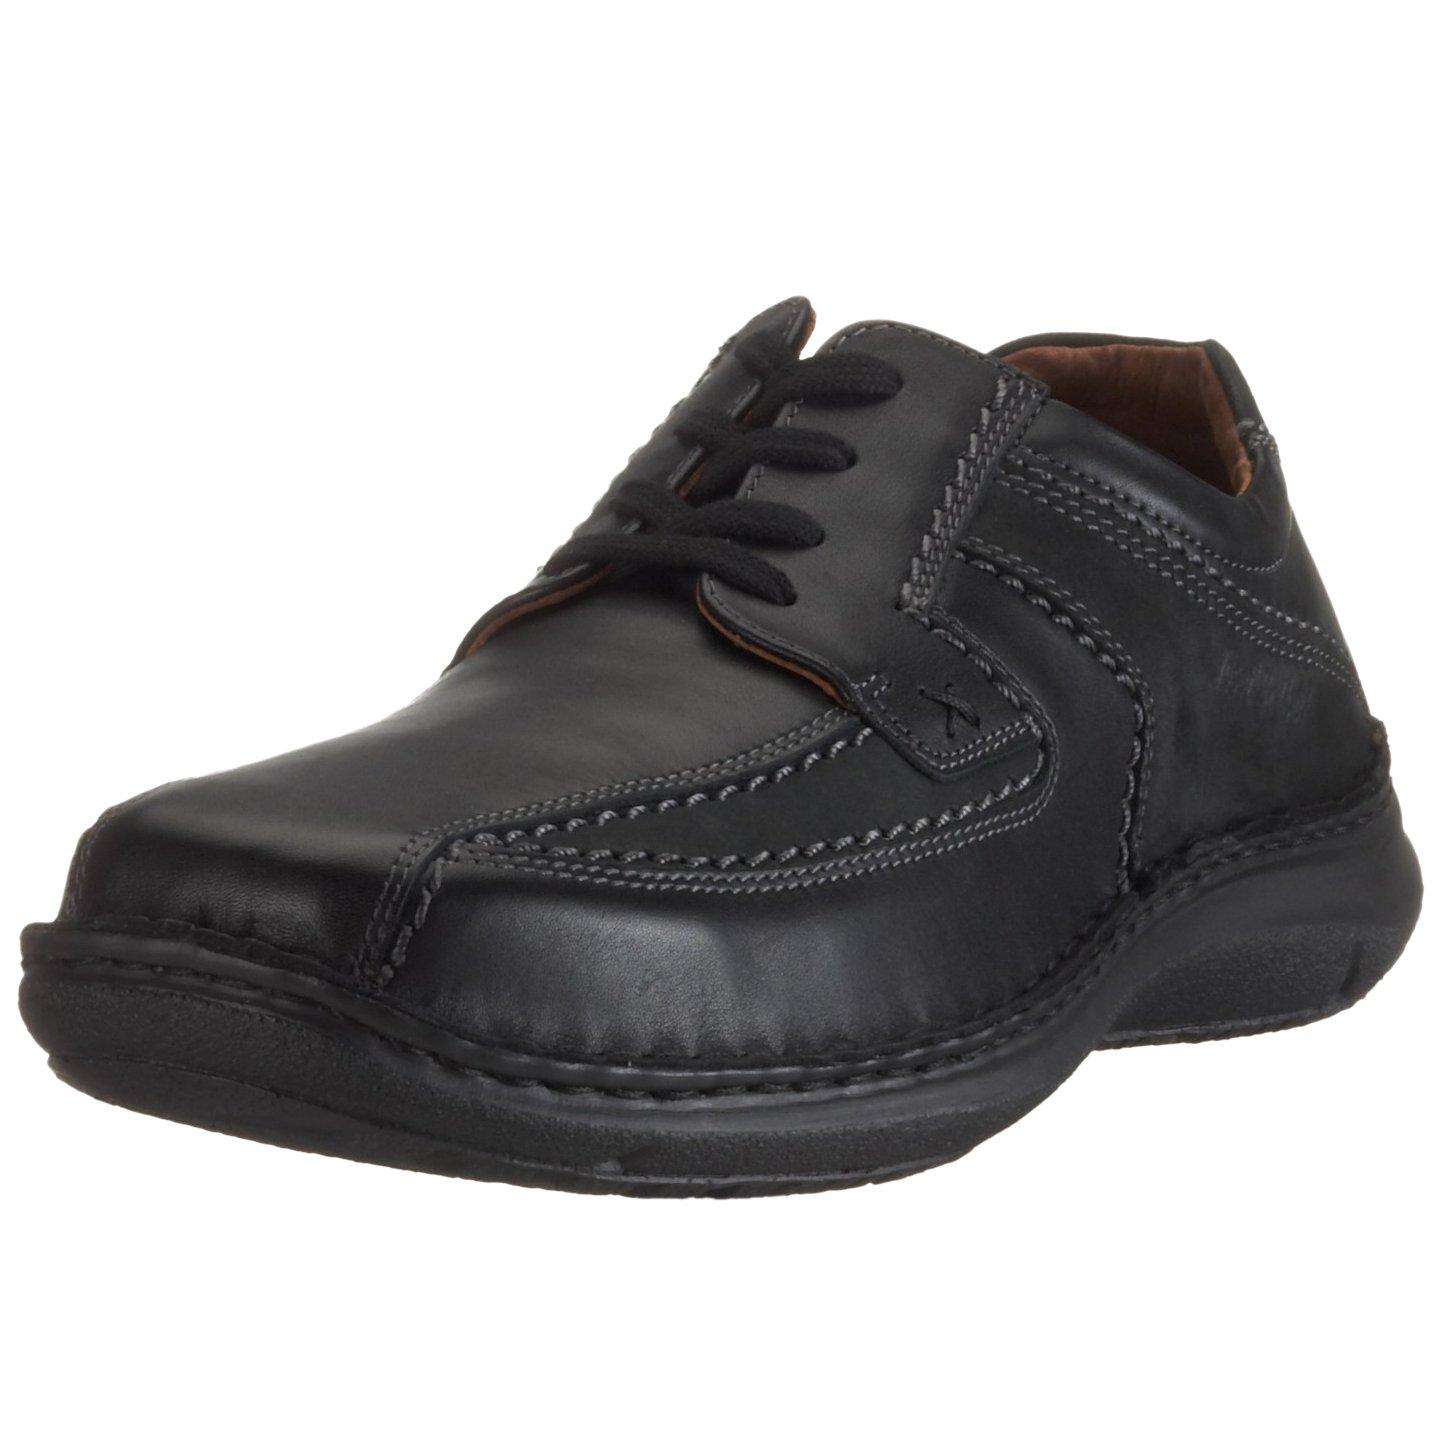 TALLA 49 EU. Josef Seibel Schuhfabrik GmbH Anvers 08, Zapatos de Cordones Derby para Hombre